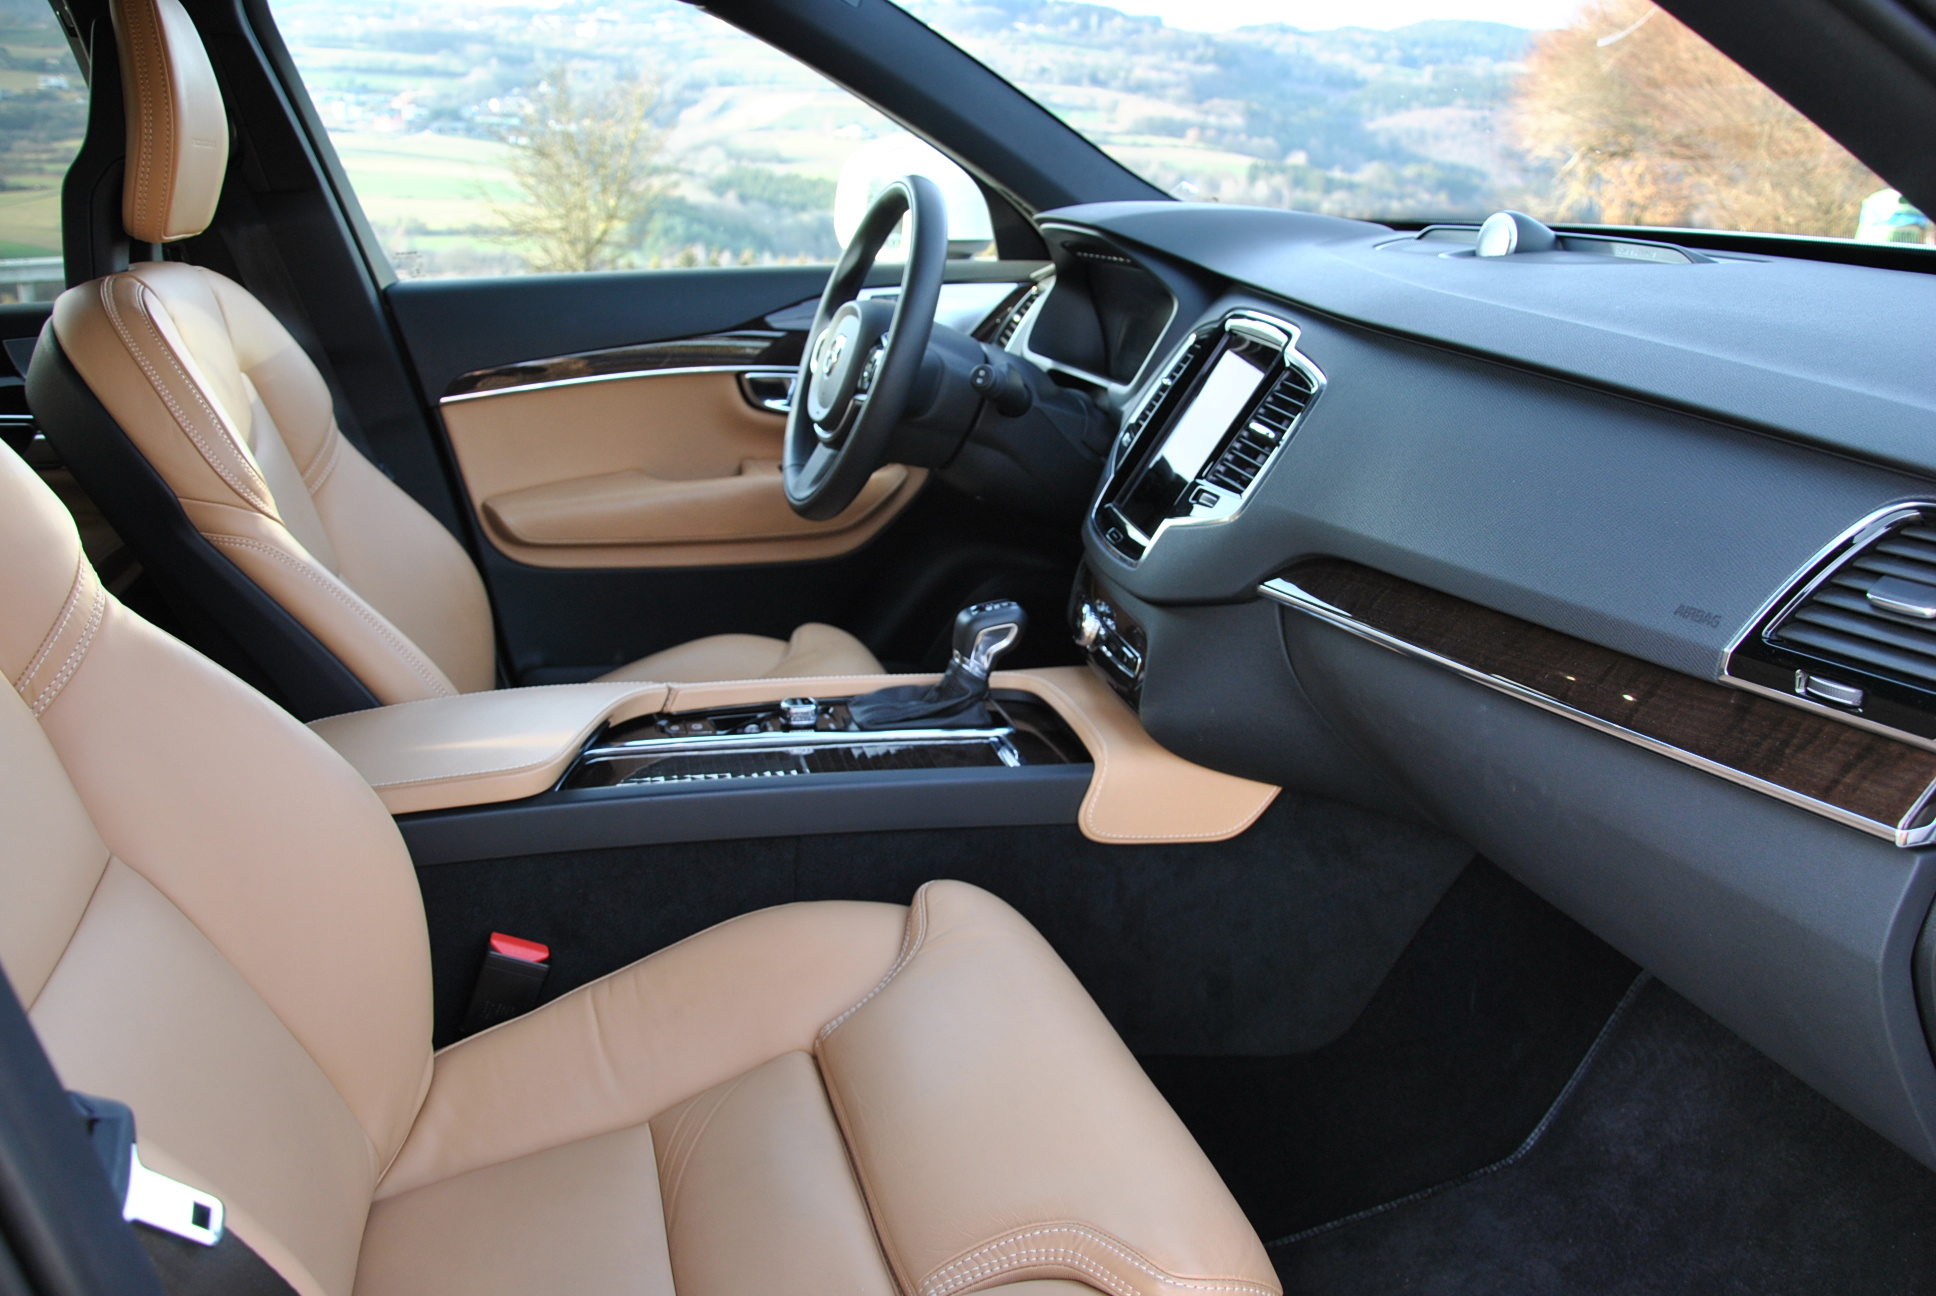 Höchster Komfort dank neuer Sitze im neuen Volvo XC90. (Bildquelle: ReschMedia)